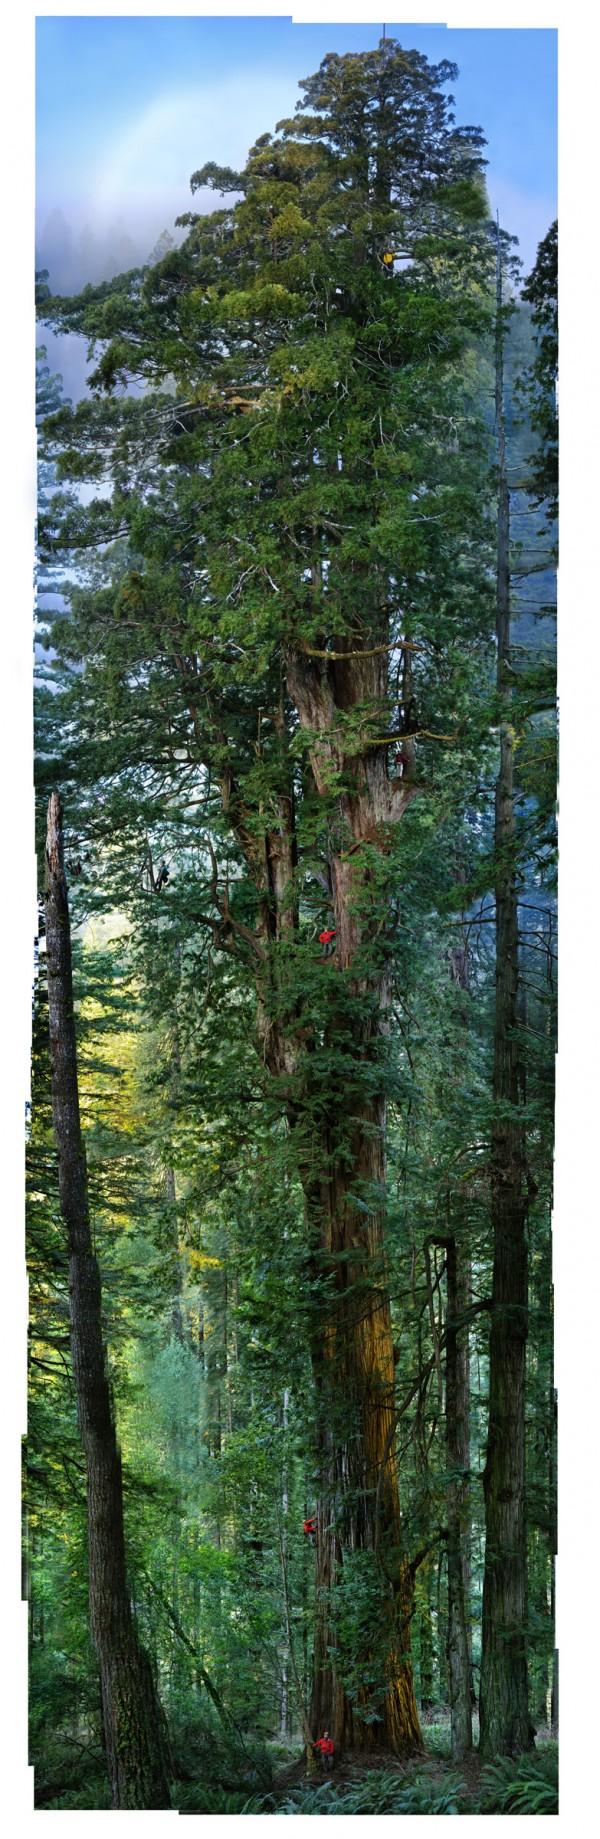 Tree-600x1839